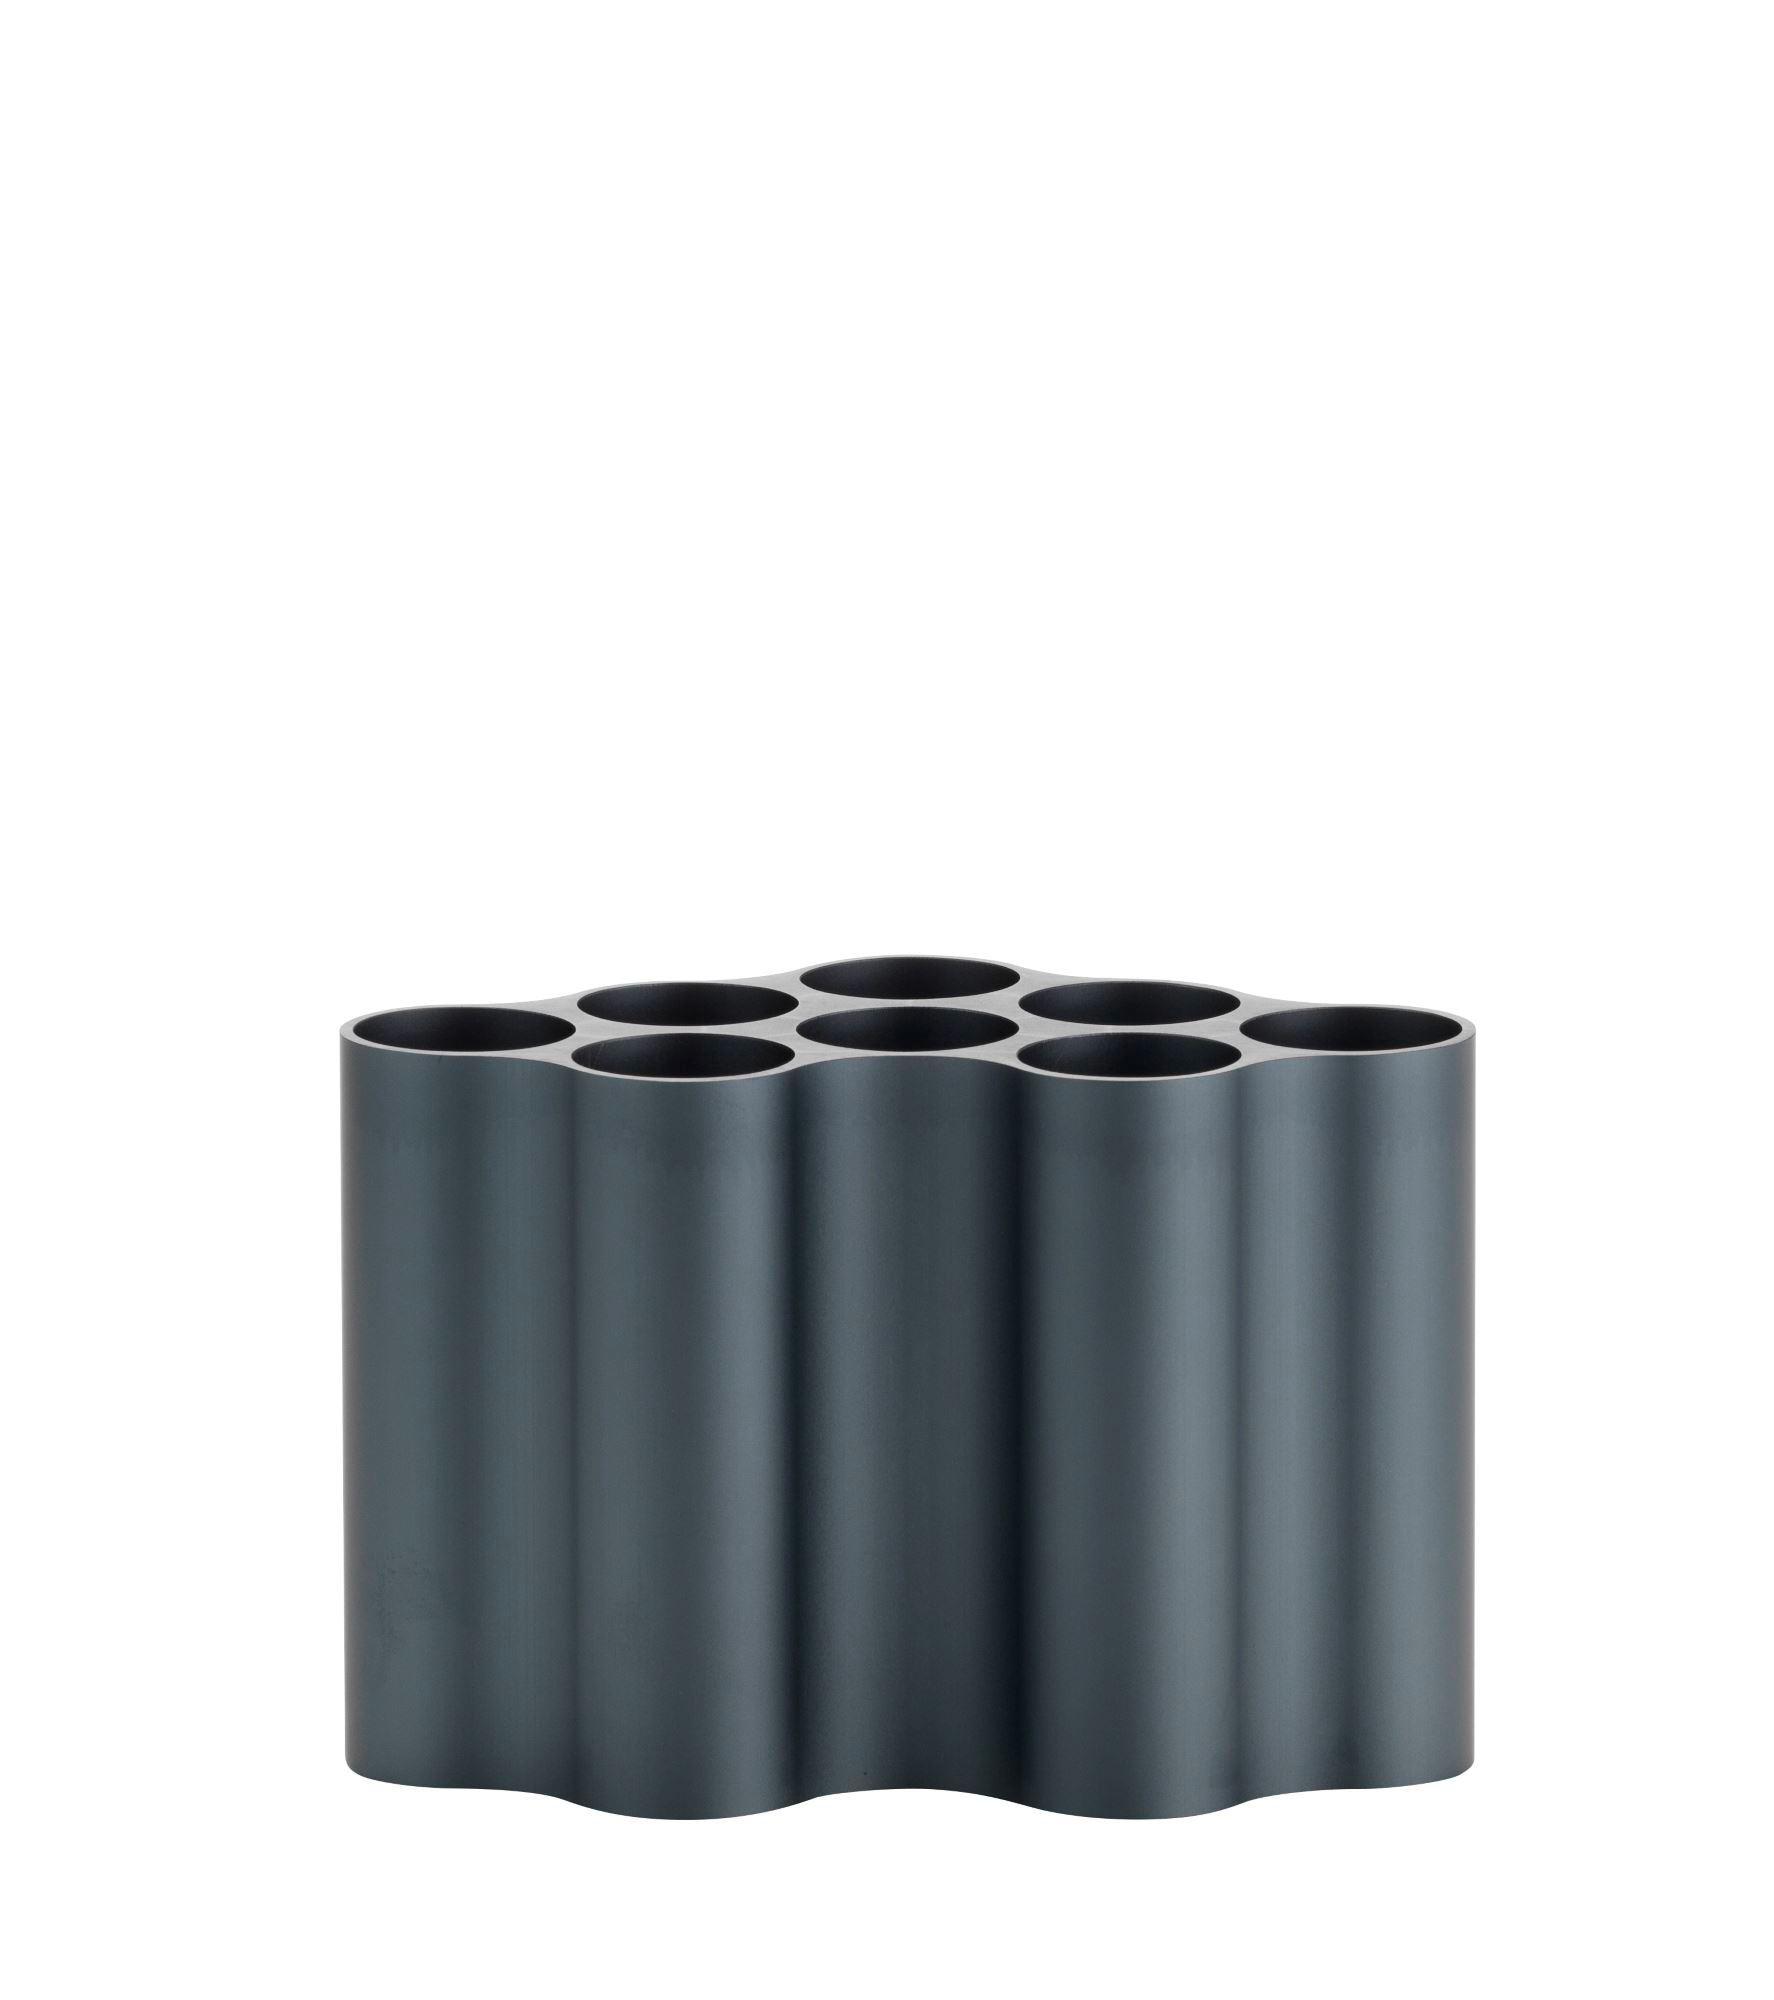 Nuage Vase S Vitra-Stahlblau